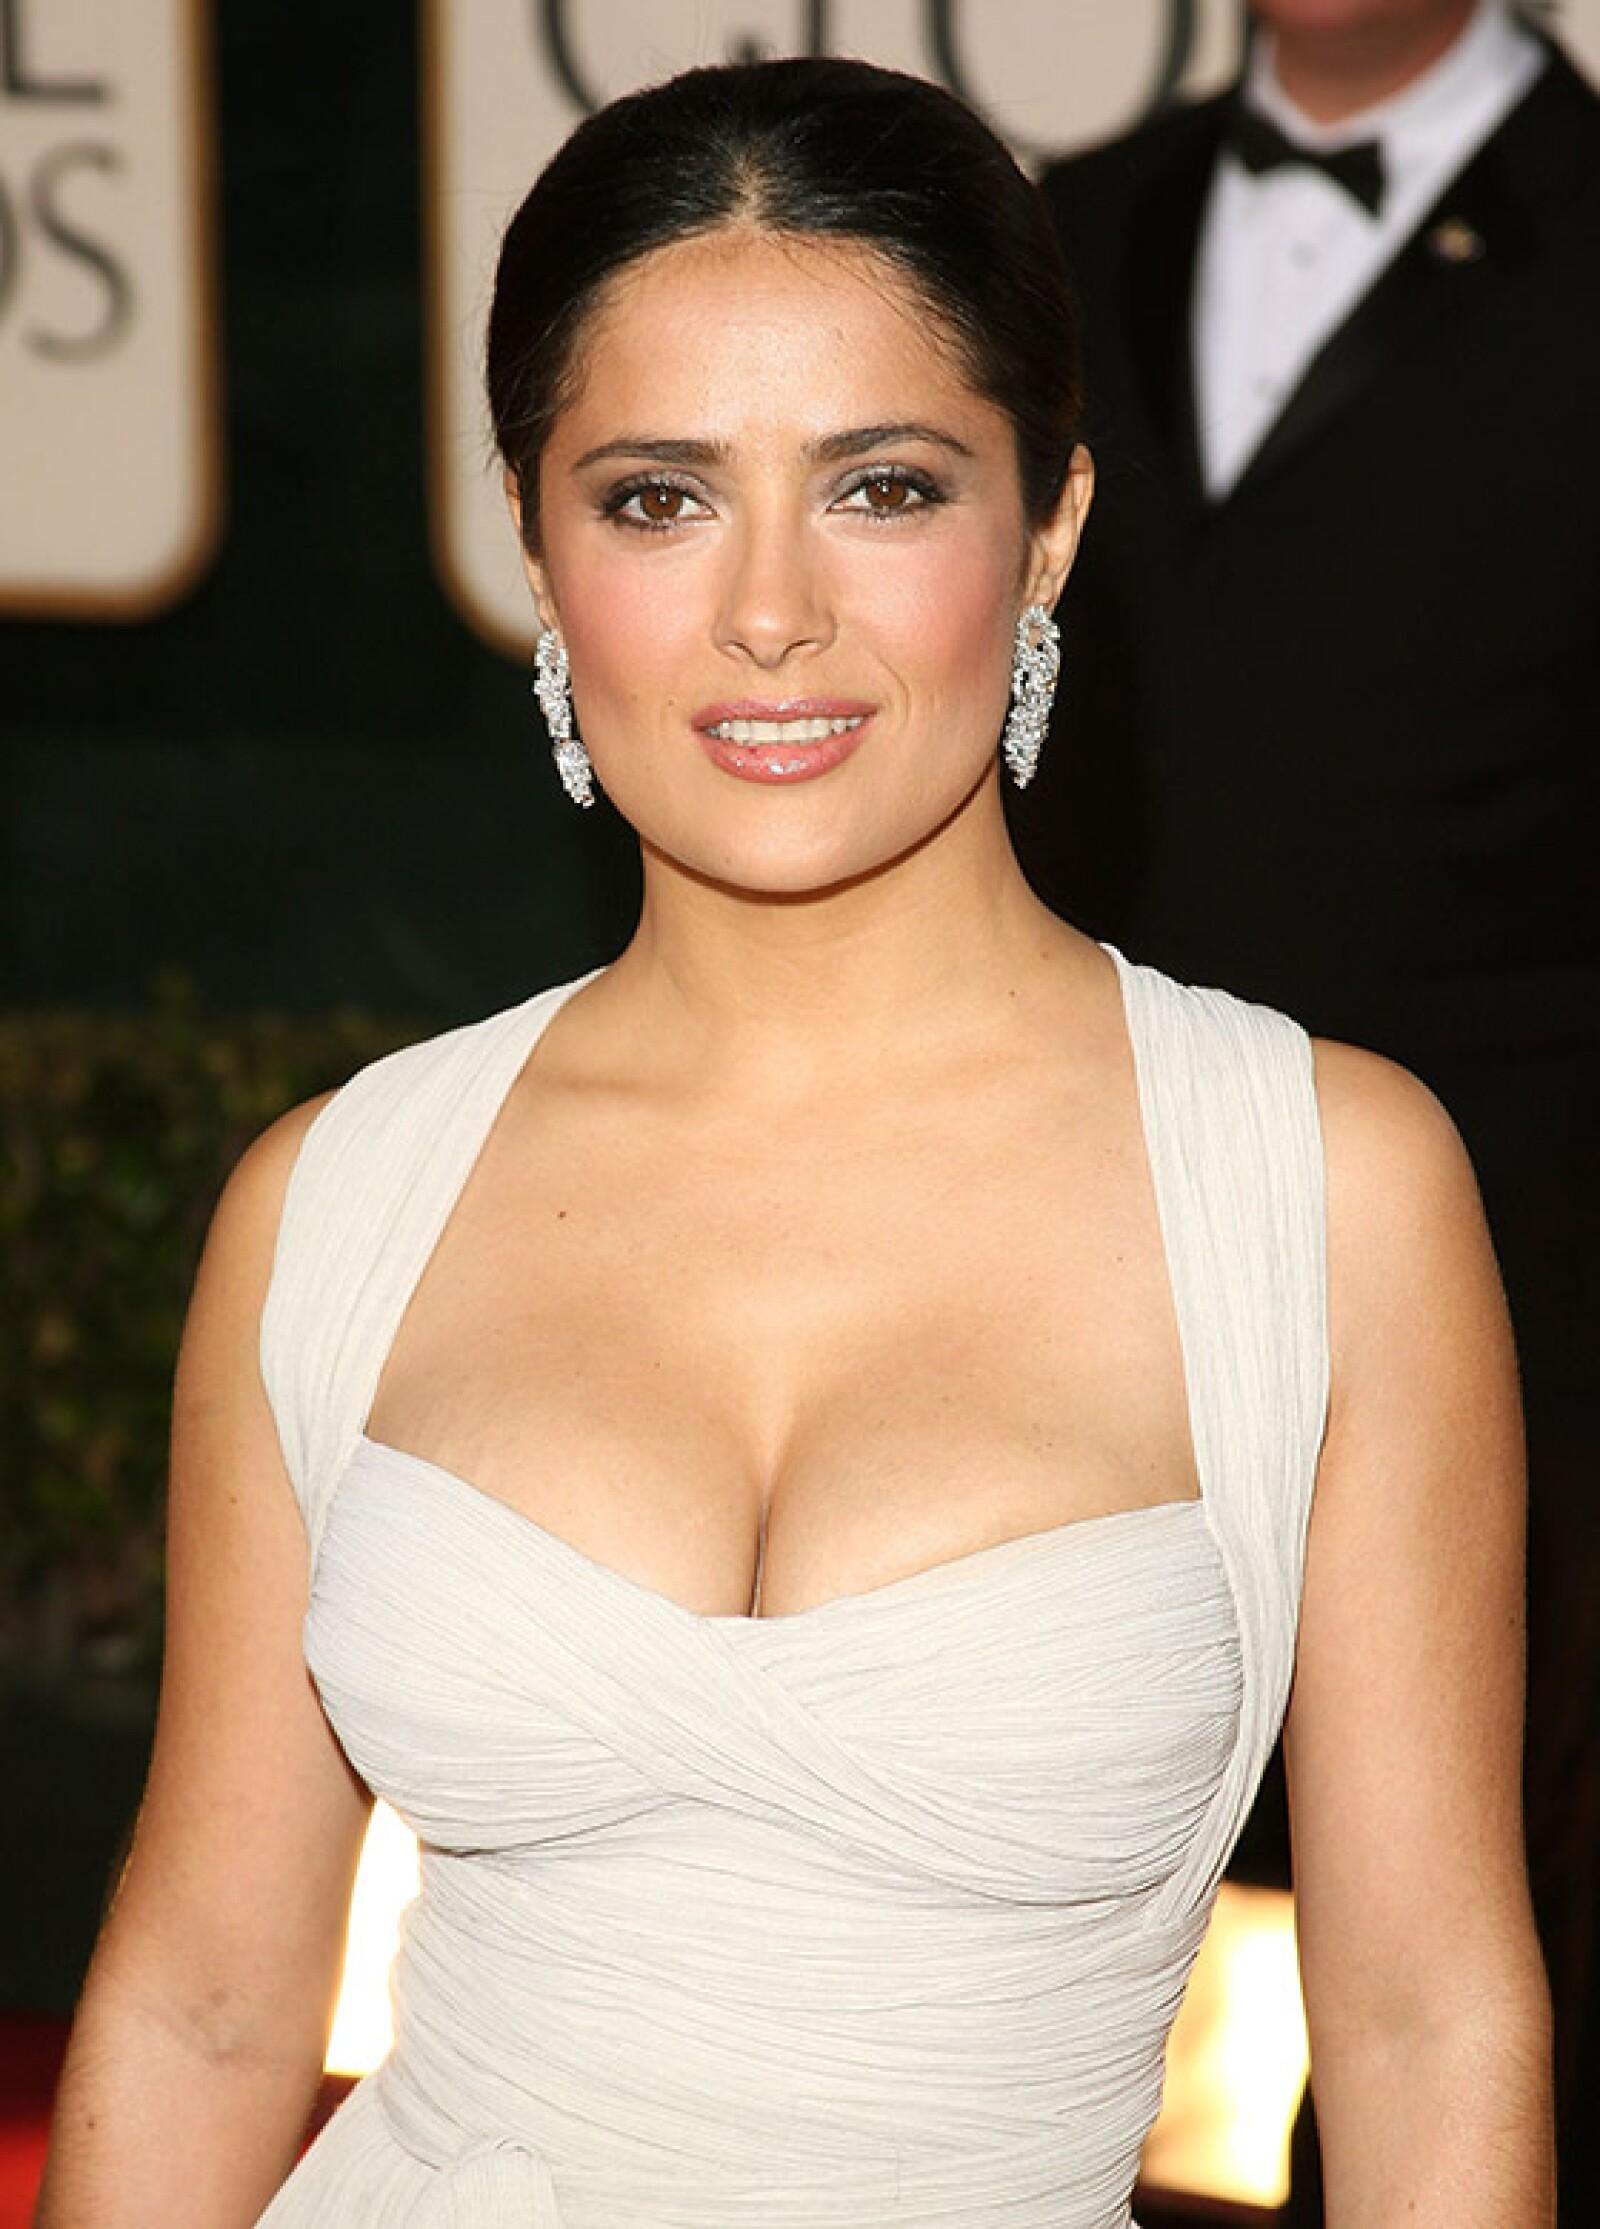 En los Golden Globe Awards 2009, la mexicana impresionó con este elegante y sexy vestido.